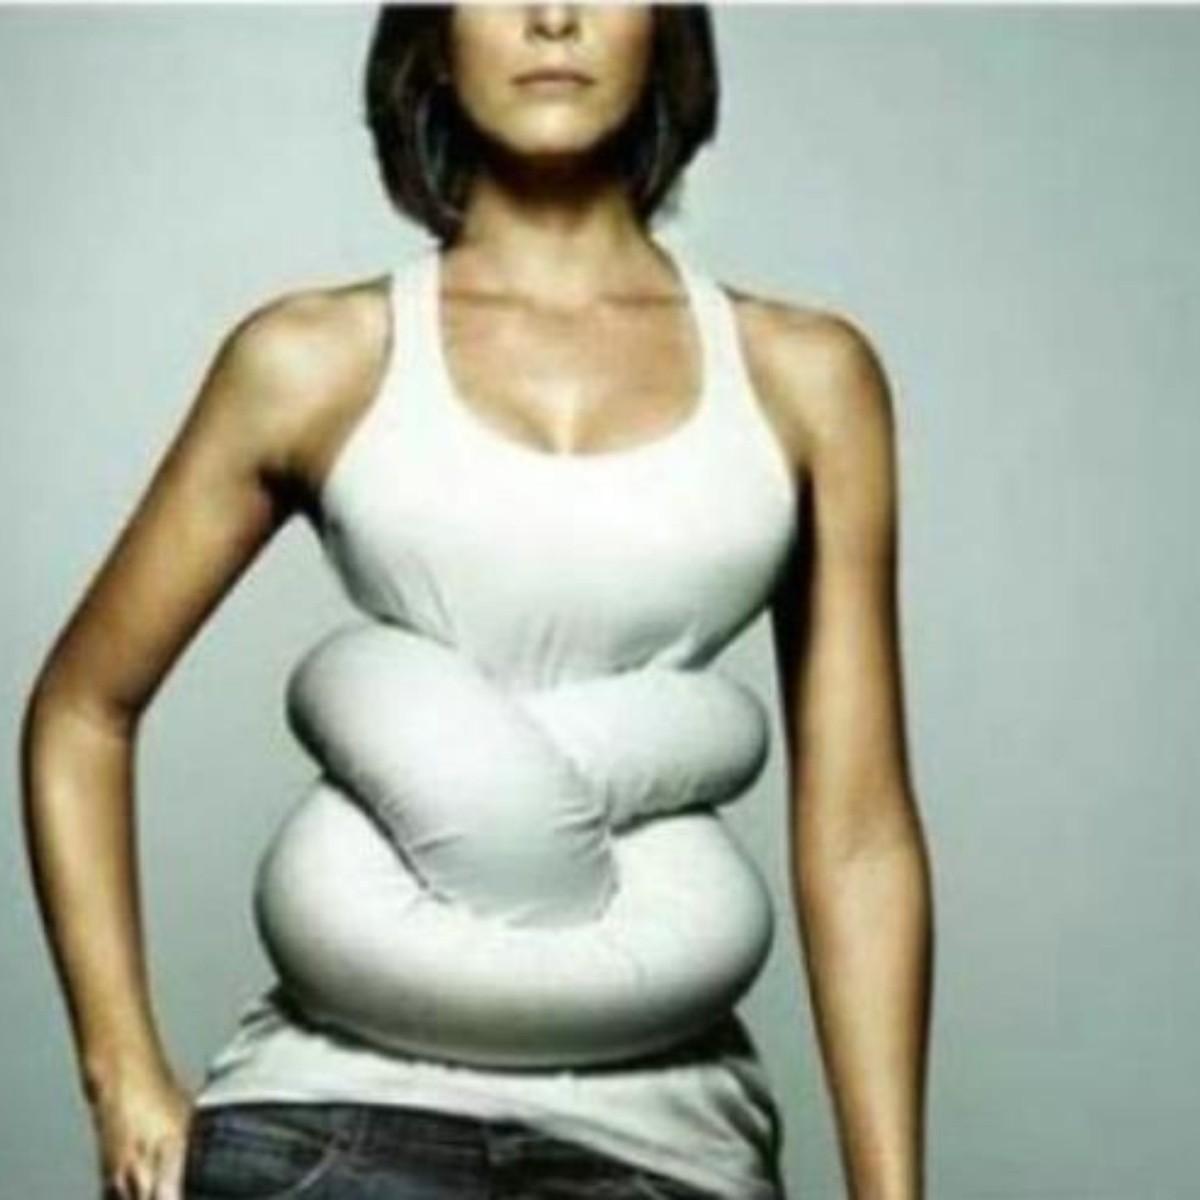 Aliviar el dolor de estómago después de comer demasiado